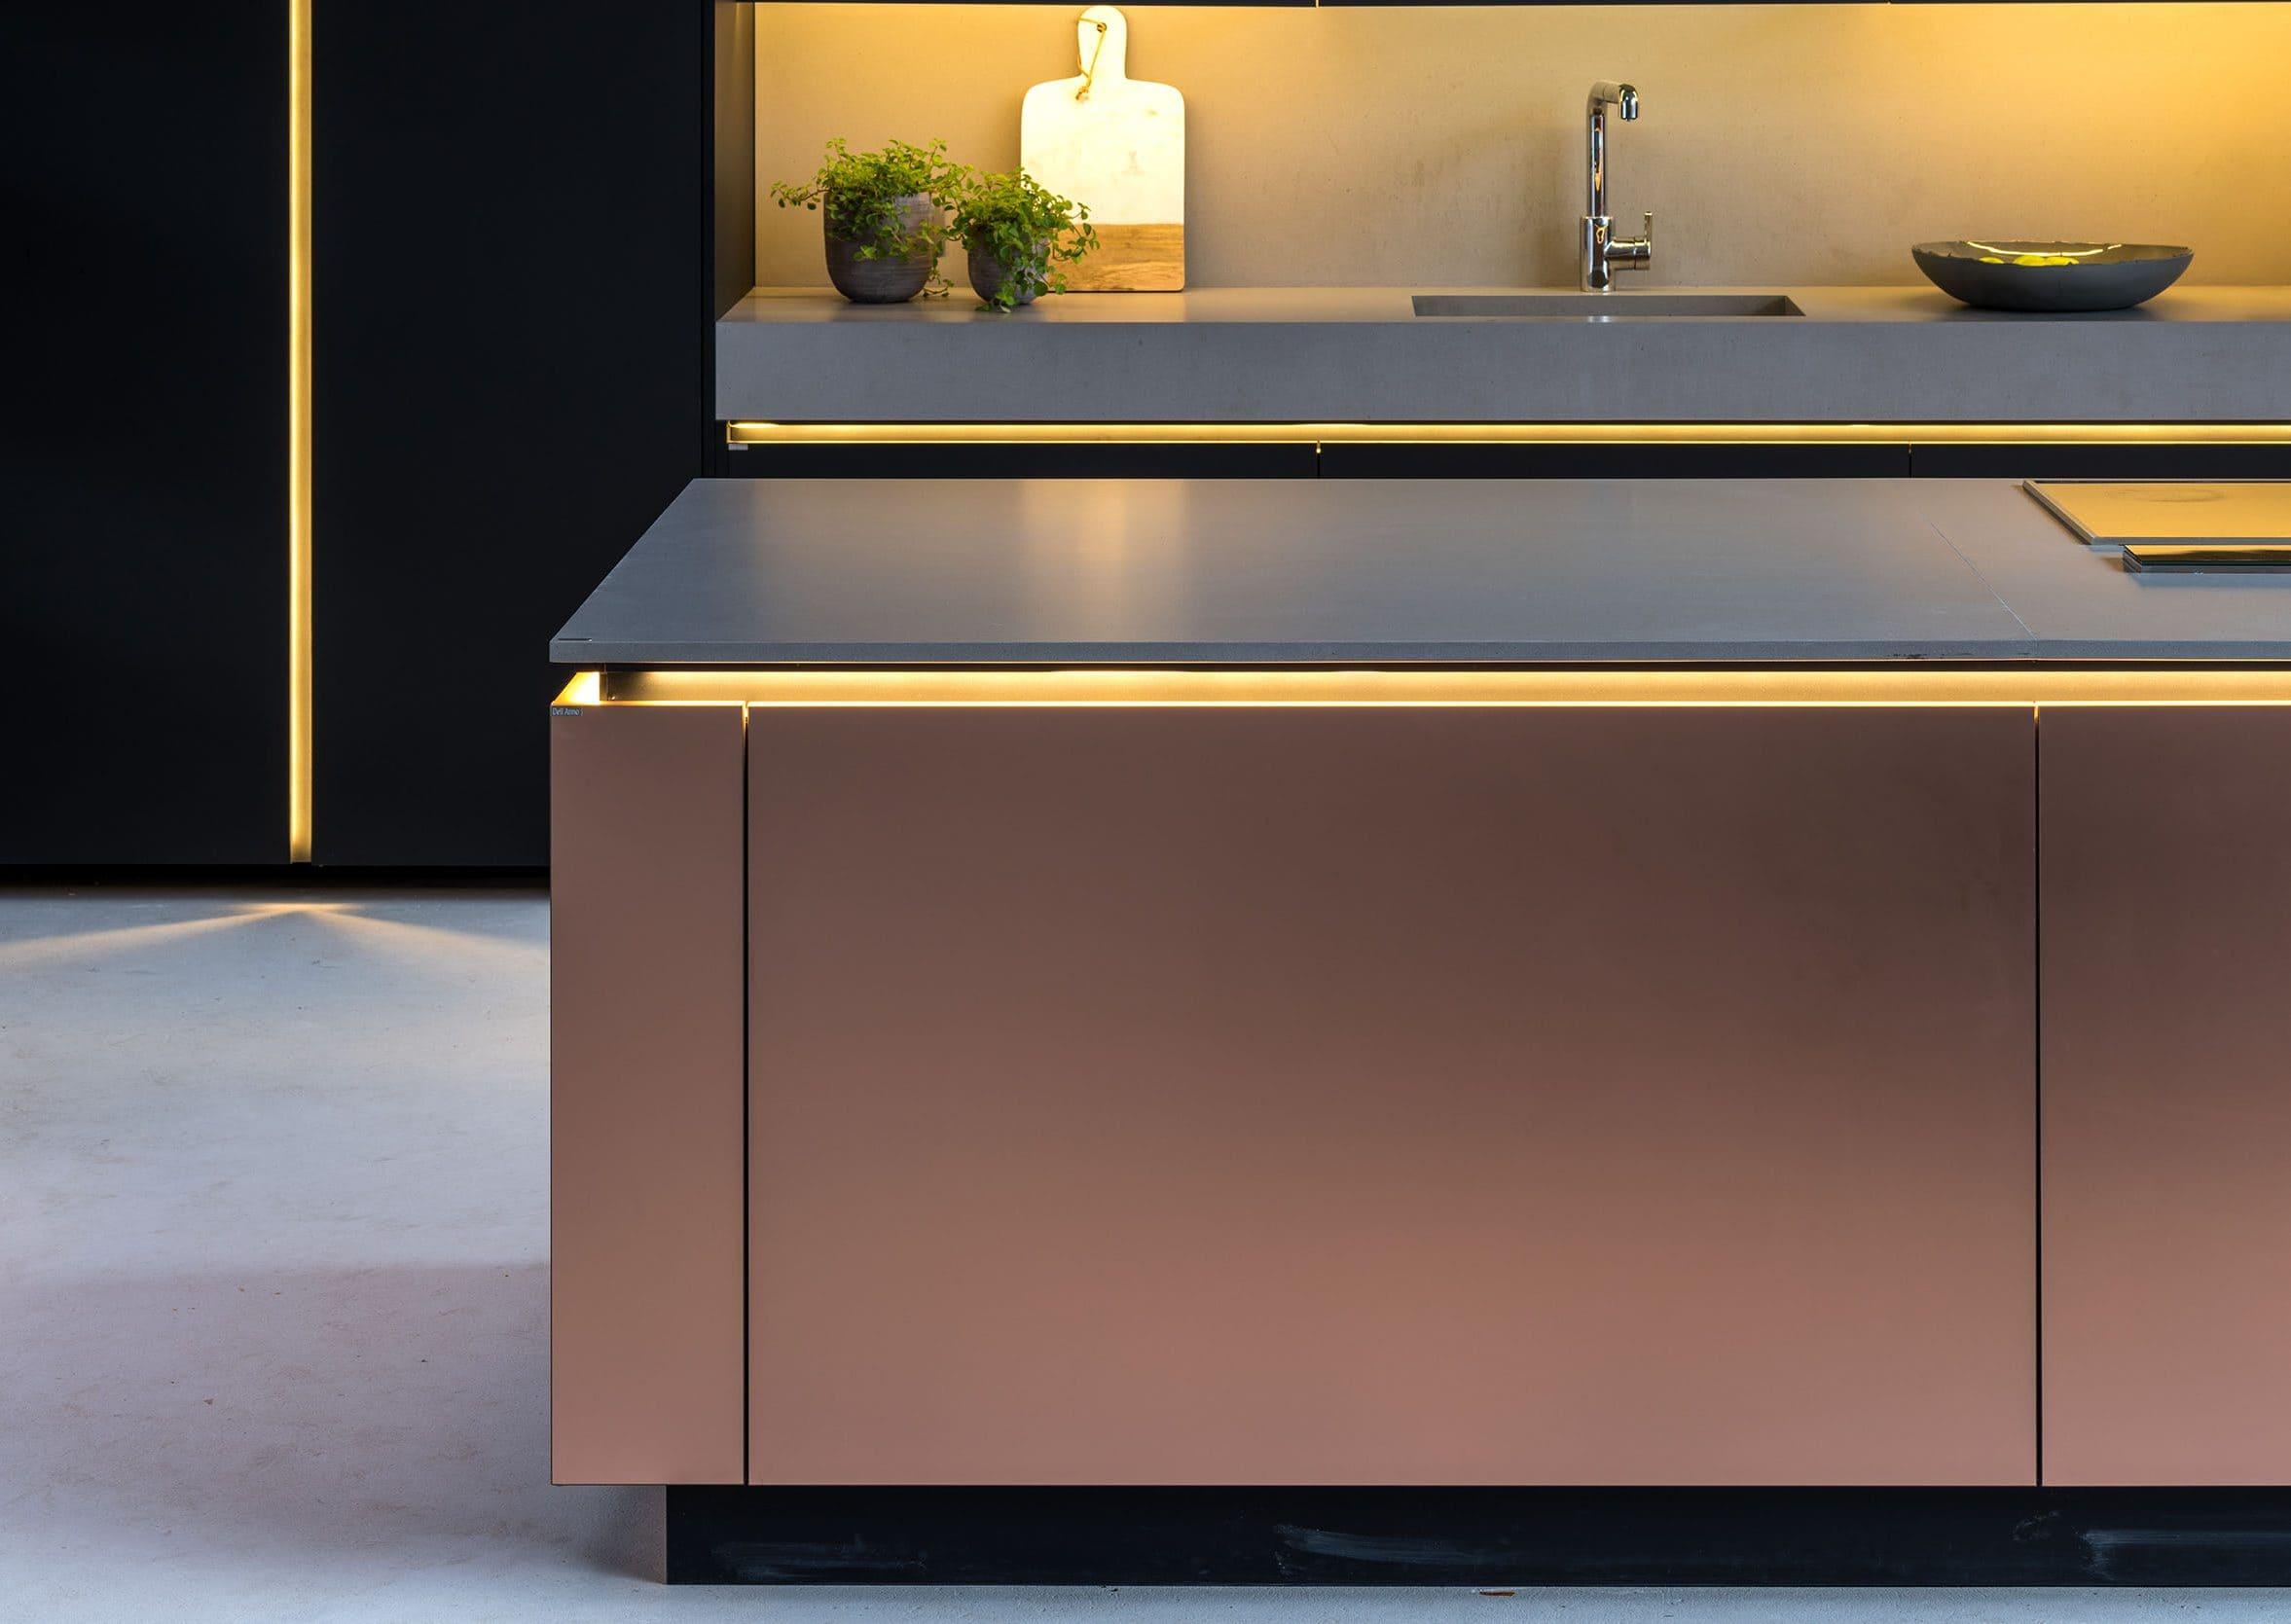 Ilha da cozinha com Rosé Gold – partículas de cobre são vaporizadas sobre a superfície dando efeito metalizado. Resistente à corrosão e ao impacto.